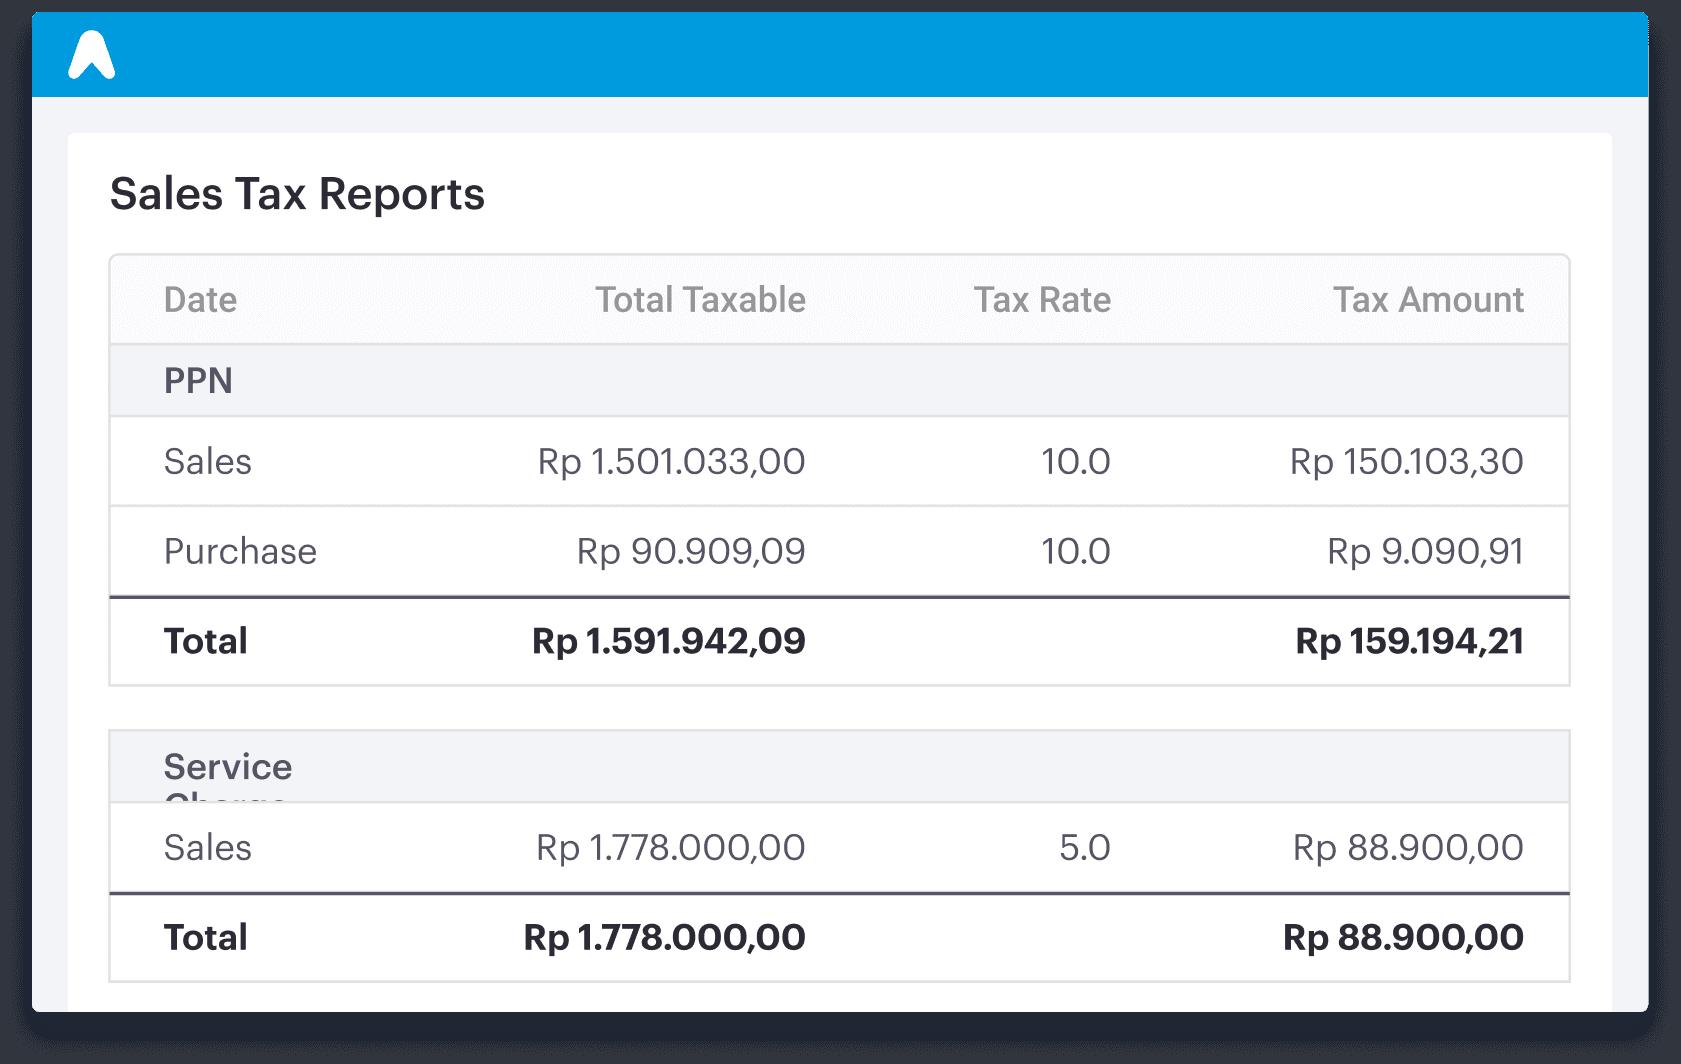 Sales Tax Report